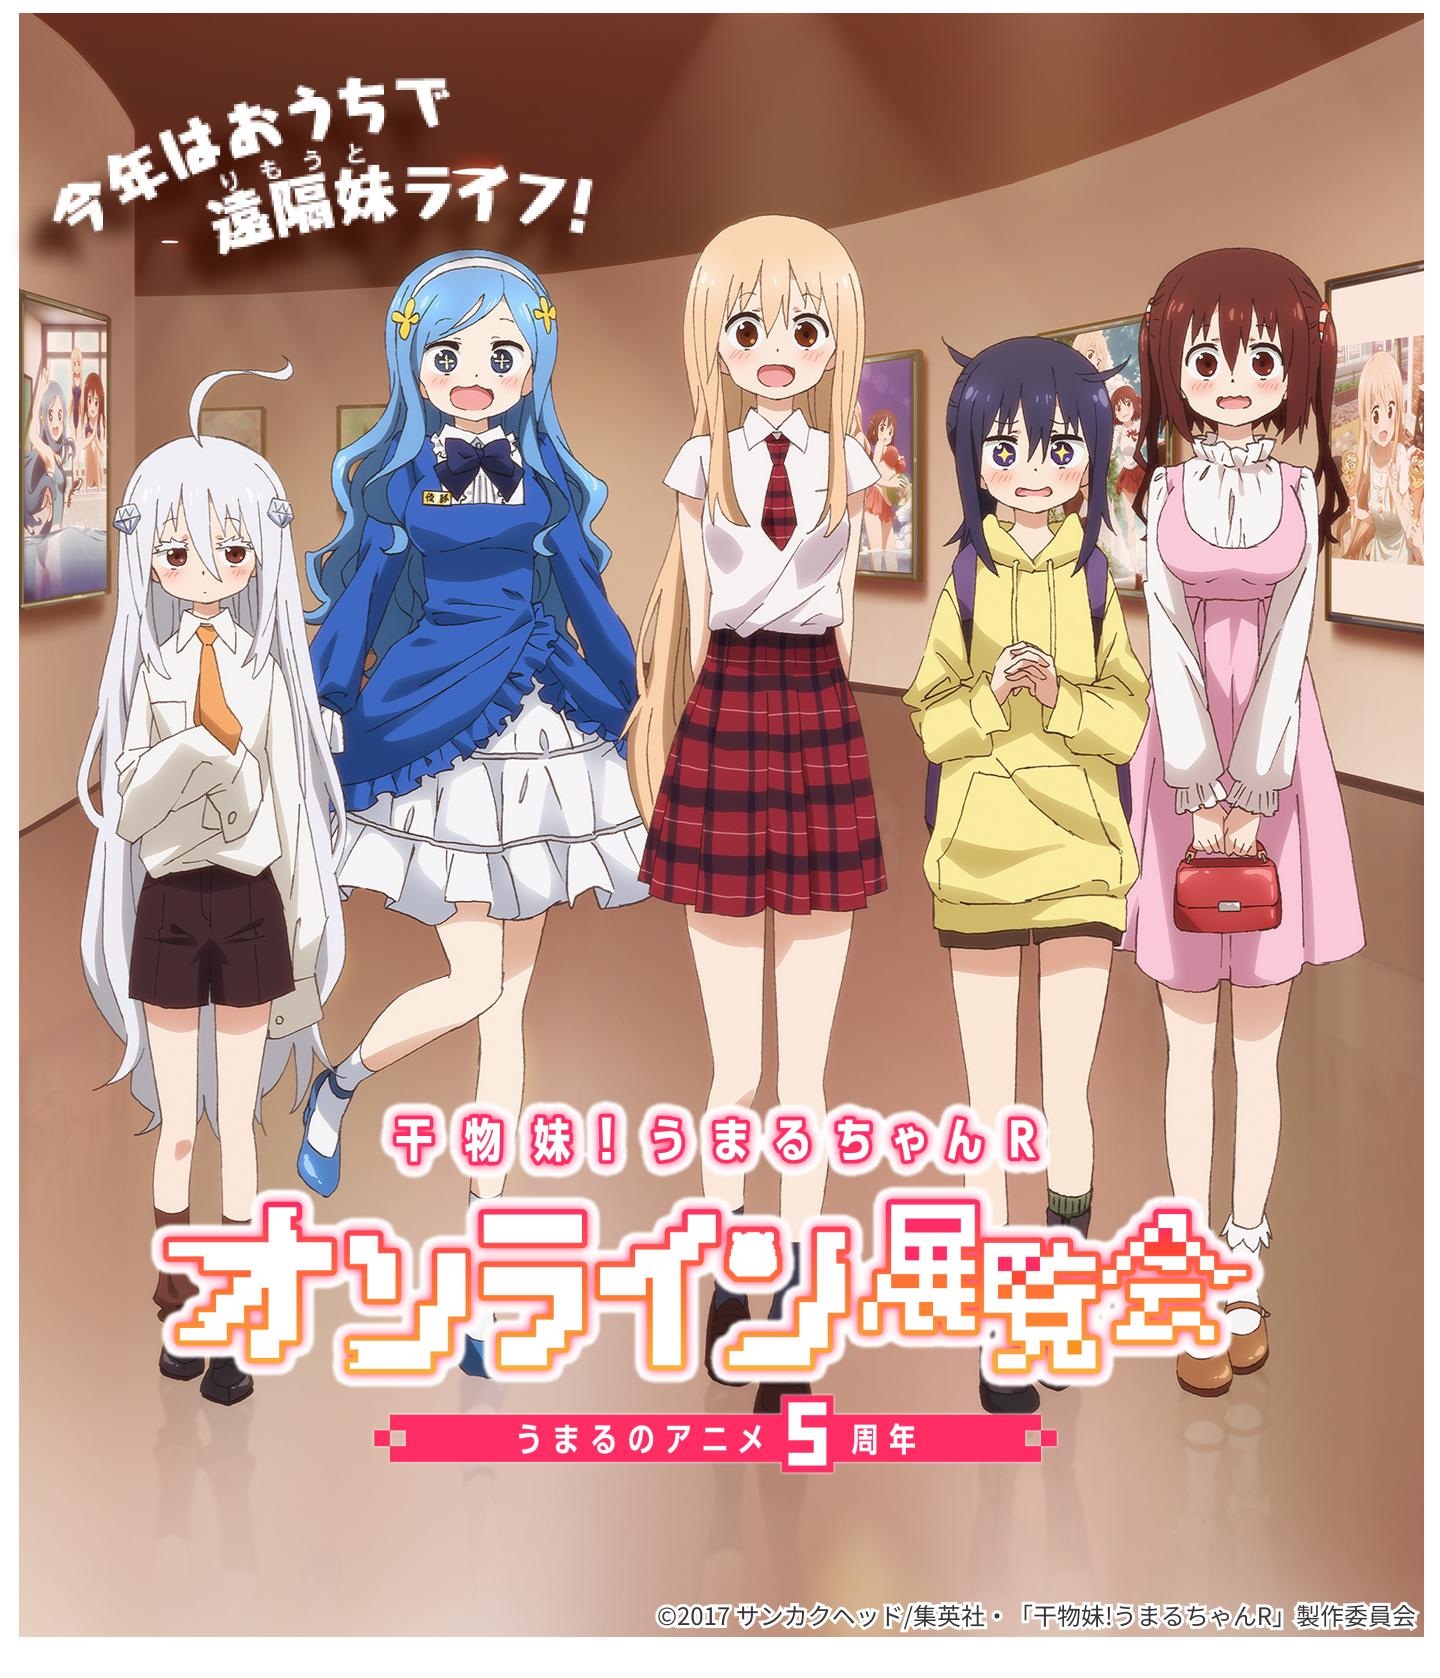 「干物妹!うまるちゃんR 」アニメ5周年記念オンライン展覧会開催中!うまるたちの解説ボイスも全部無料で楽しめる